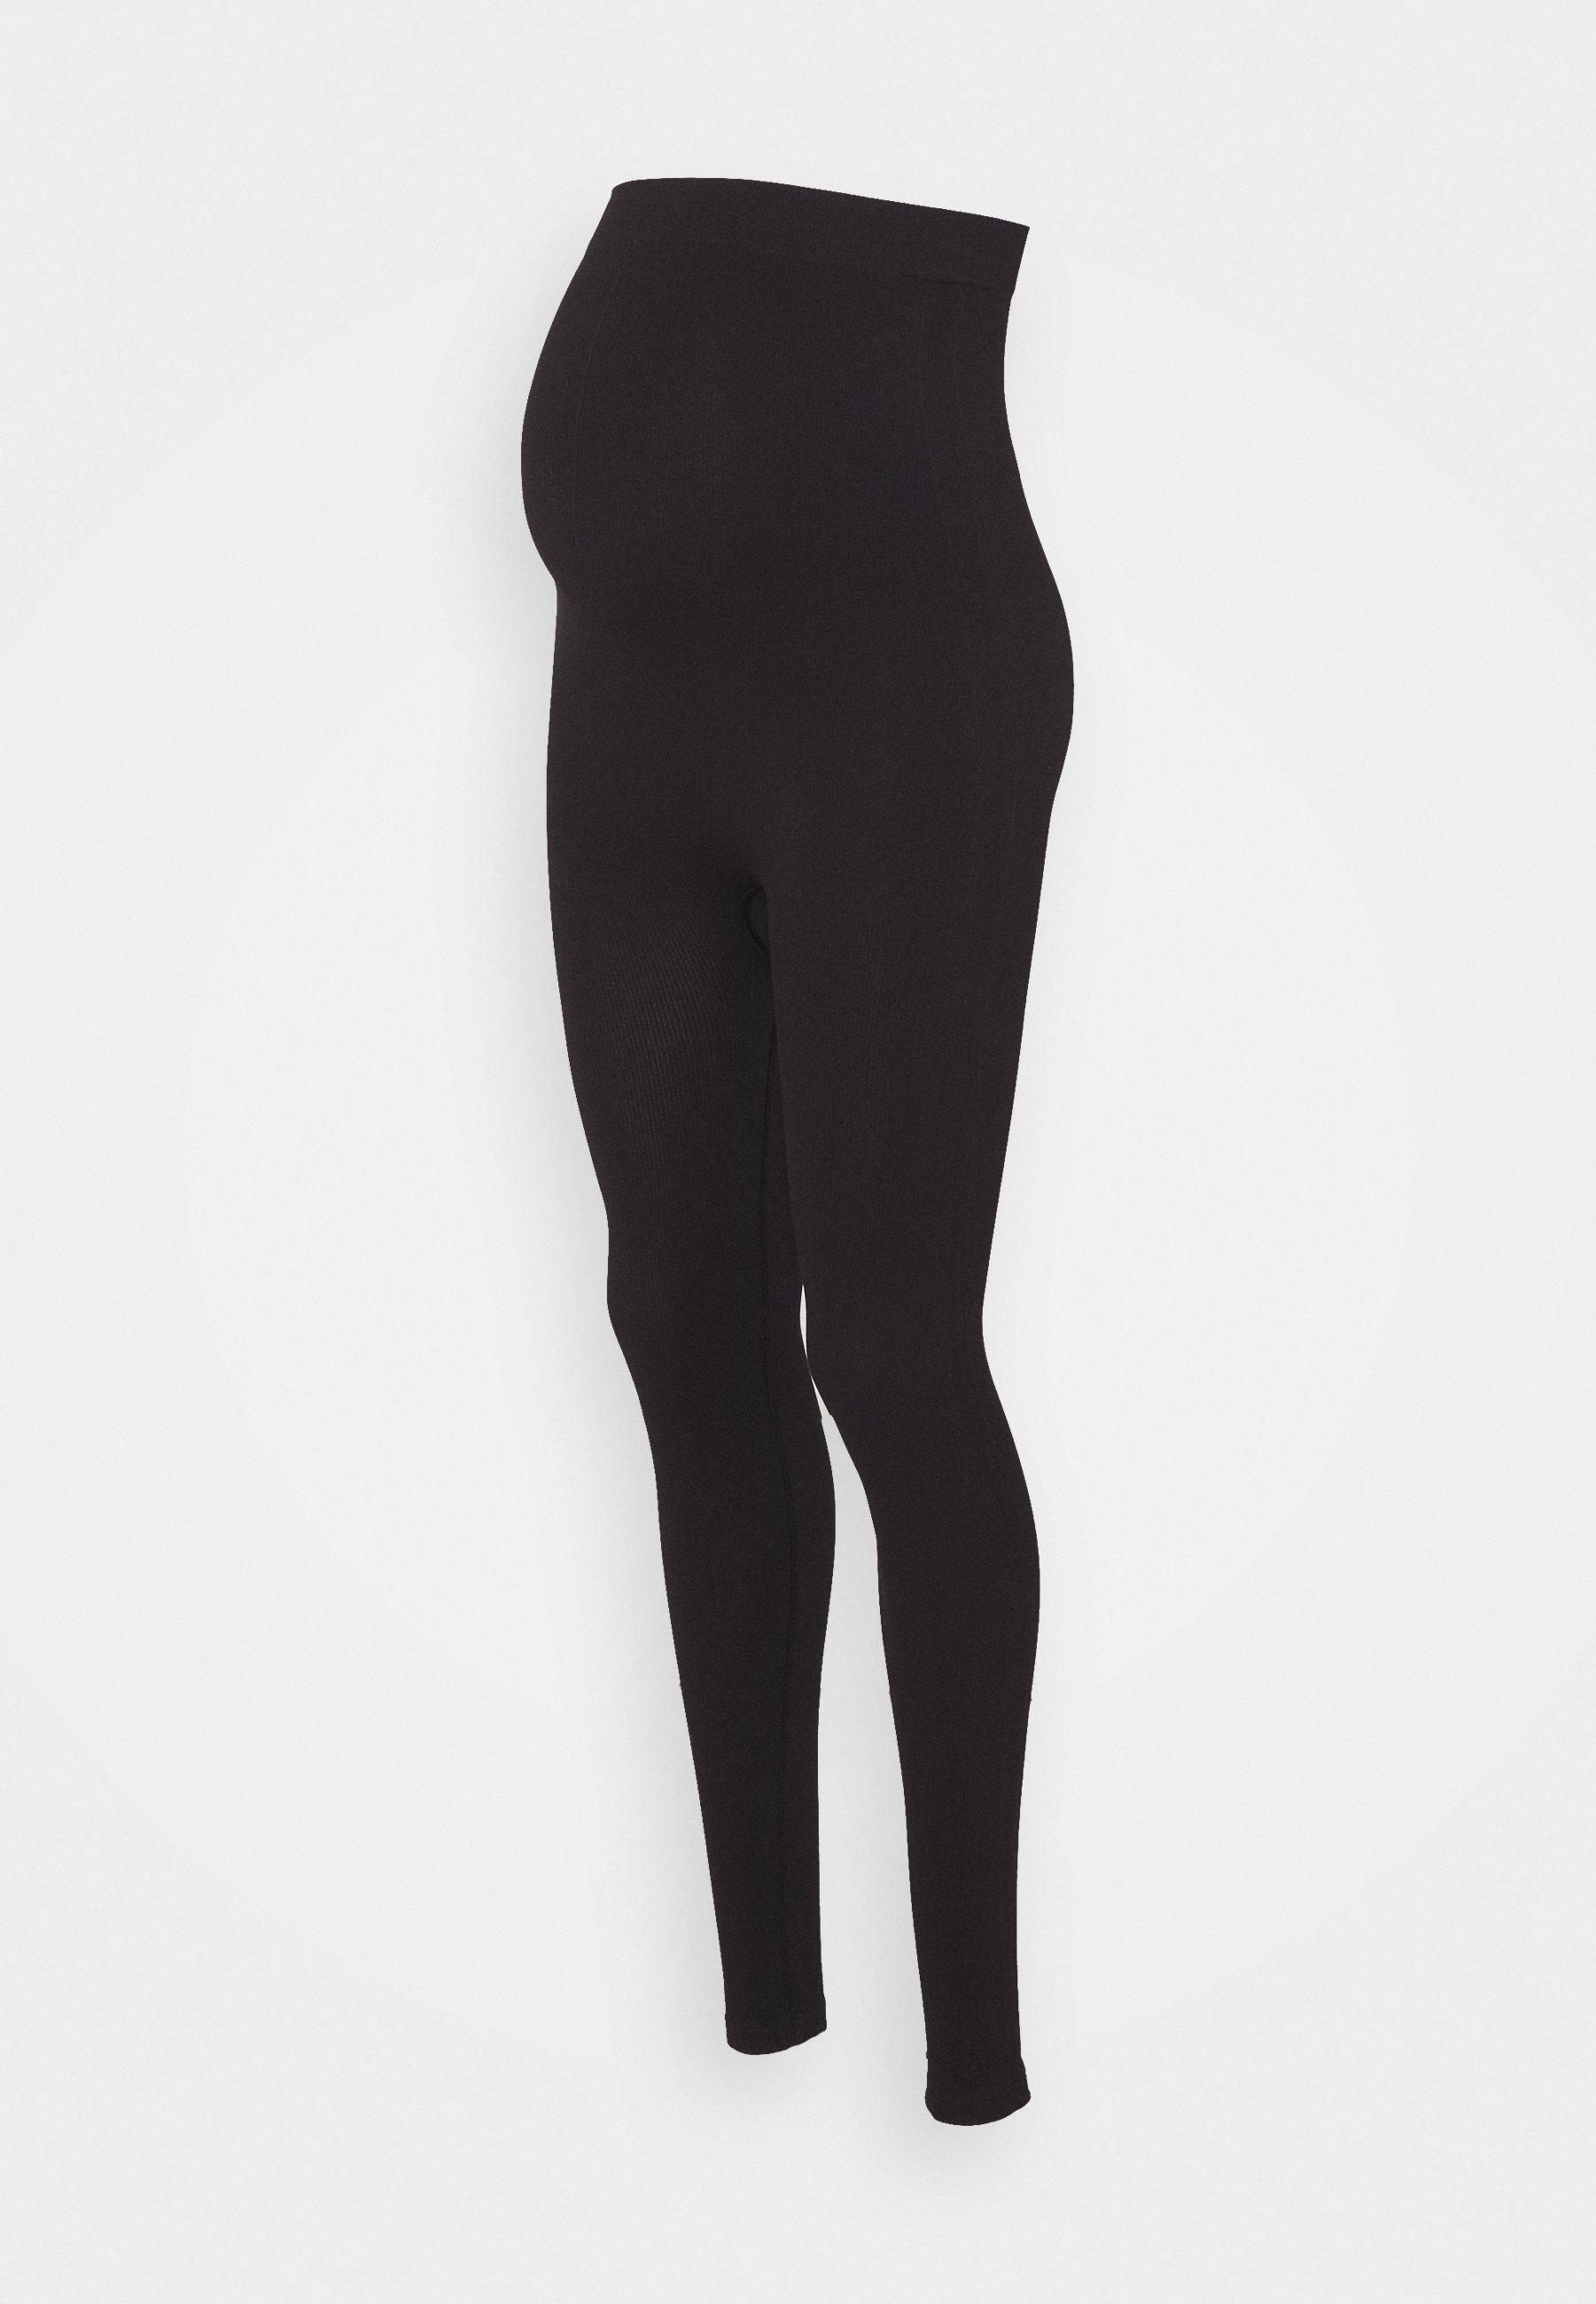 Damen MLRUBY SEAMLESS - Leggings - Hosen